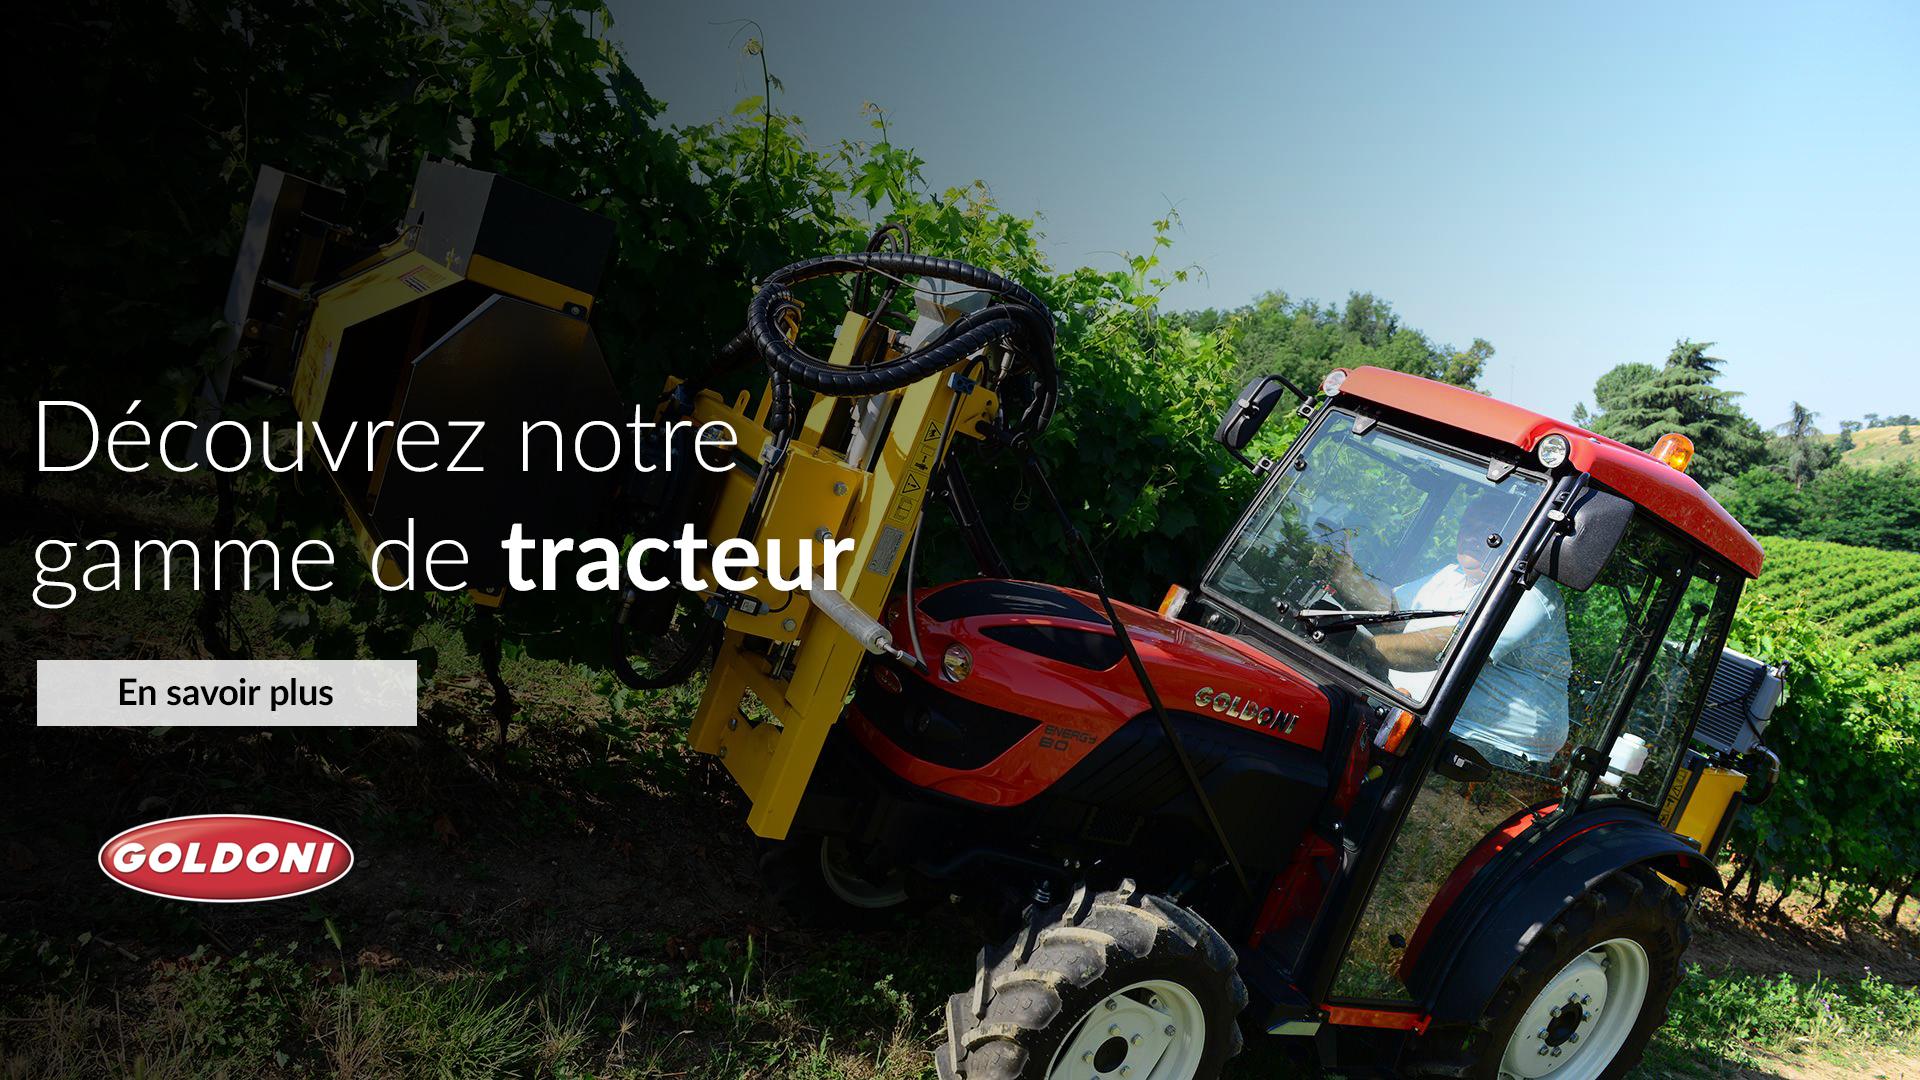 Découvrez notre gamme de tracteur